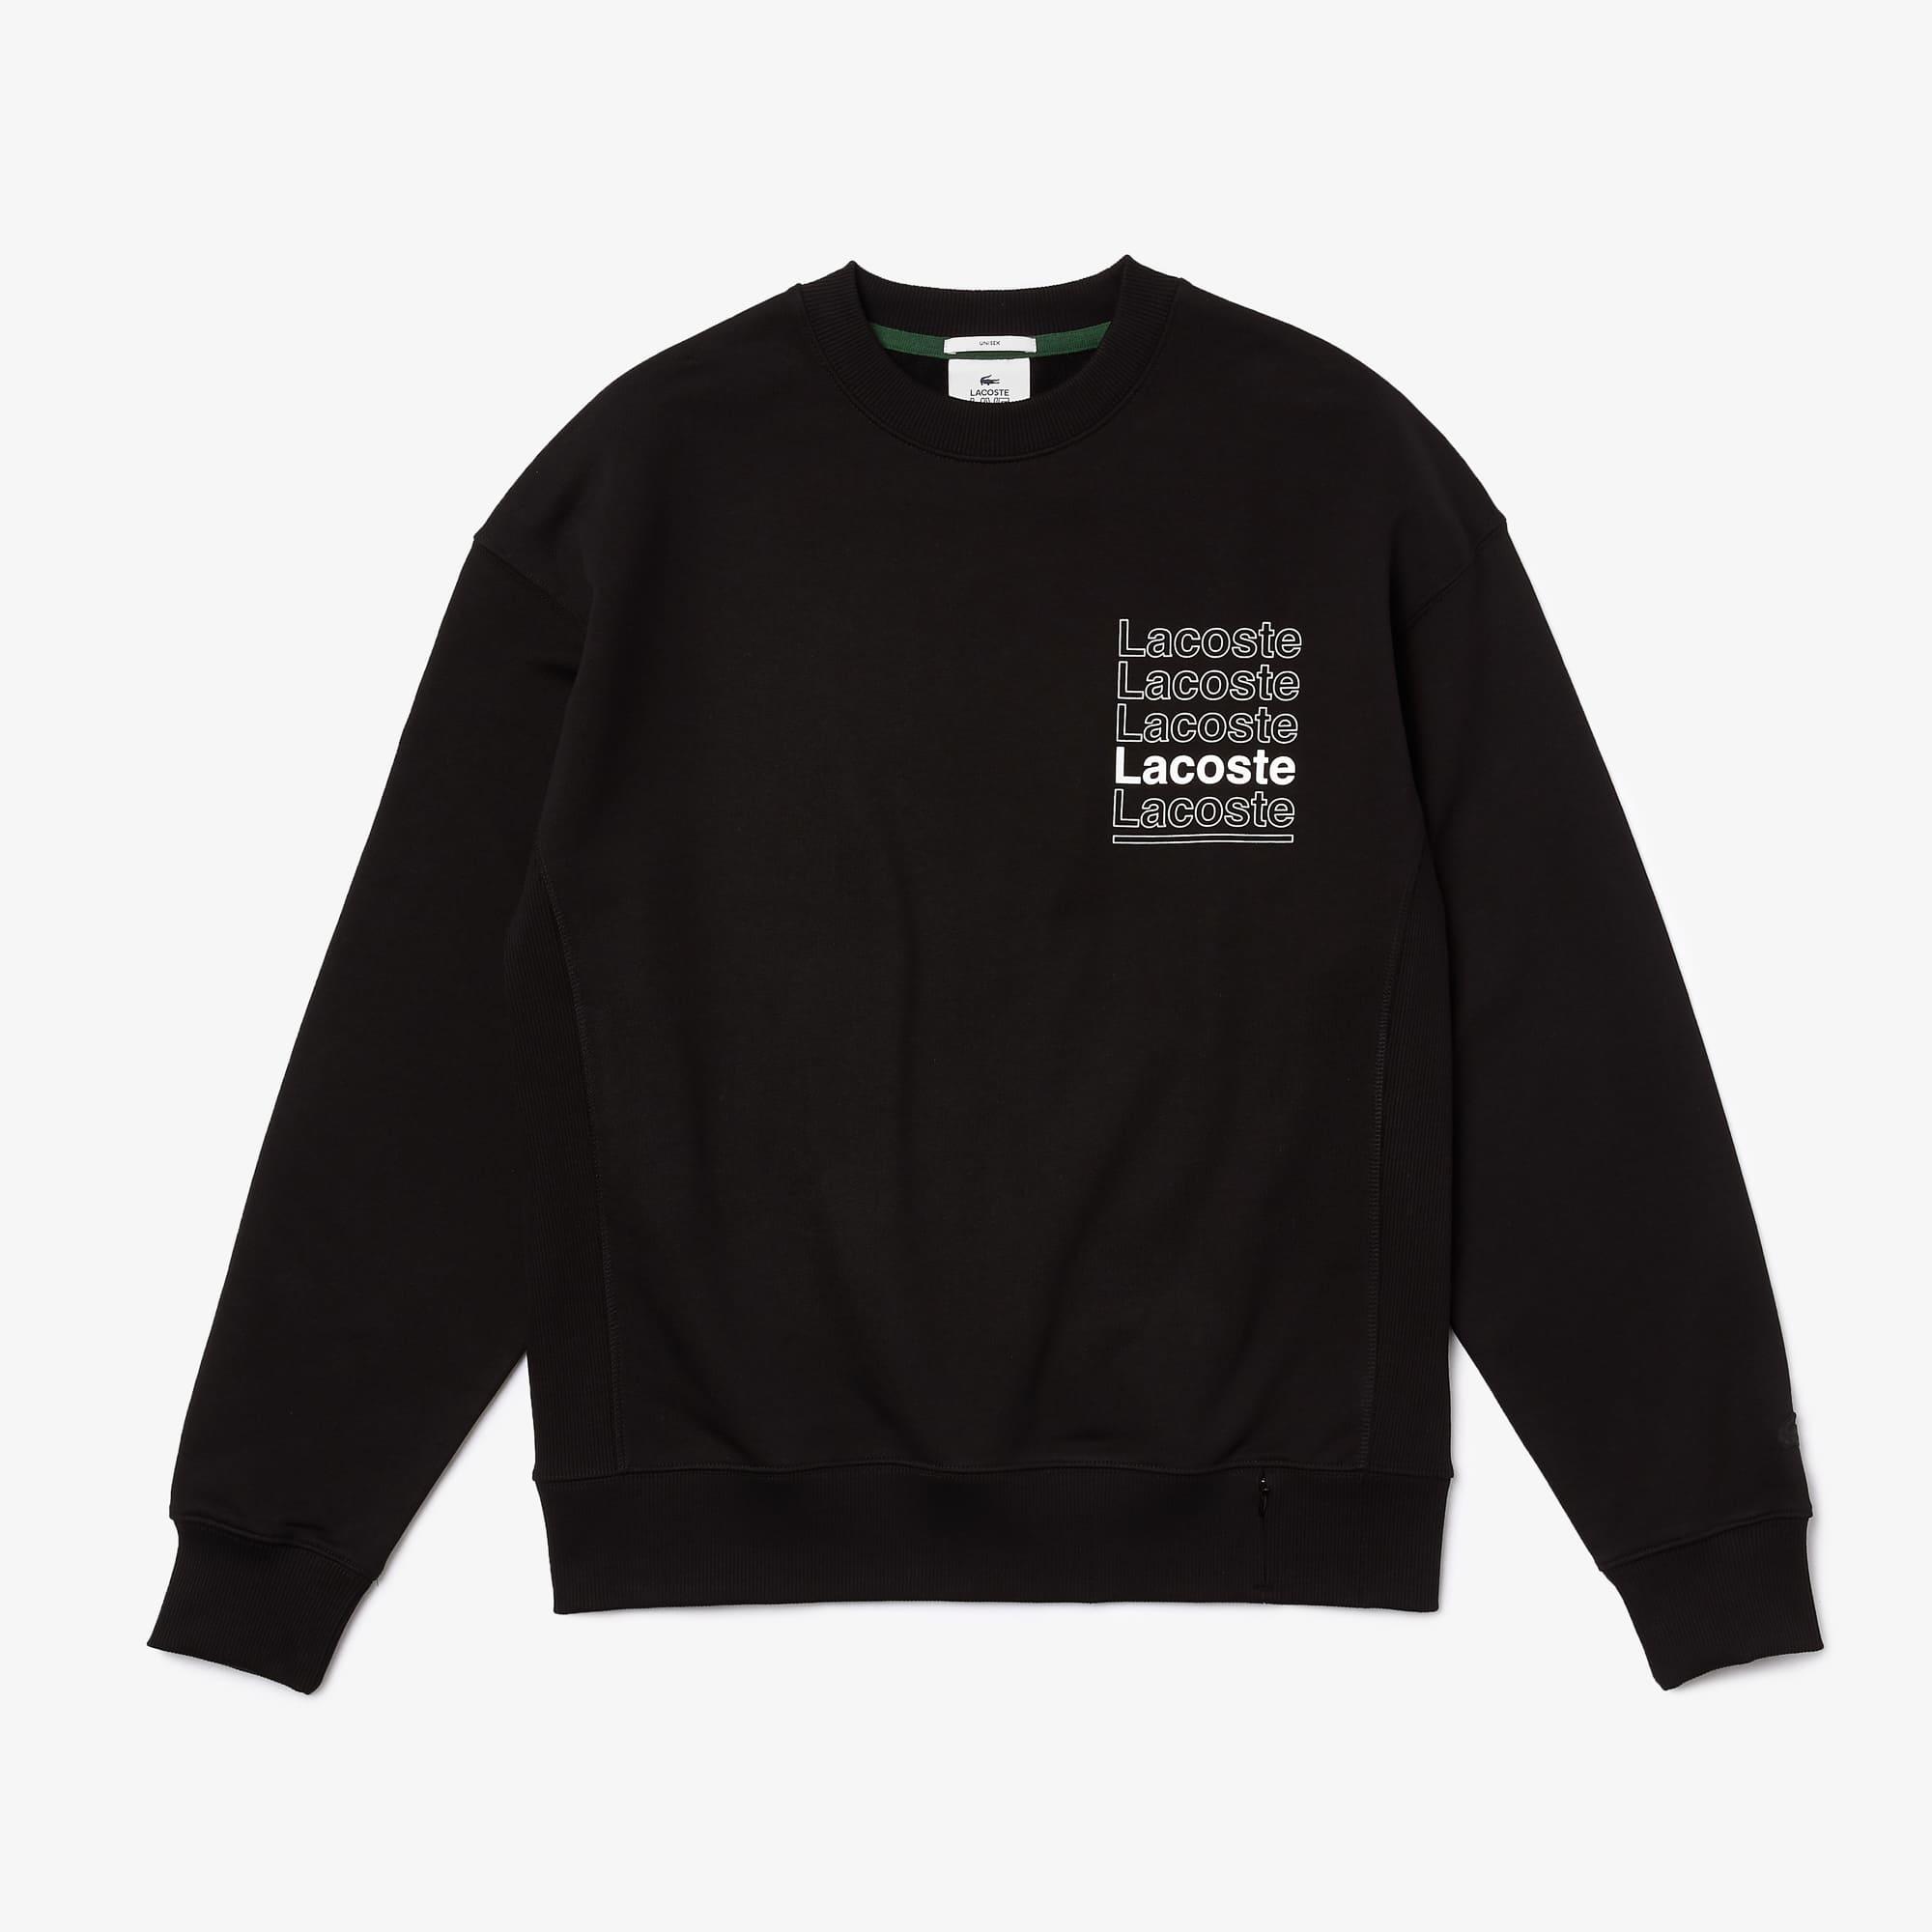 라코스테 라이브 맨 루즈핏 맨투맨 Lacoste Men's LIVE Loose Fit Crew Neck Print Fleece Sweatshirt